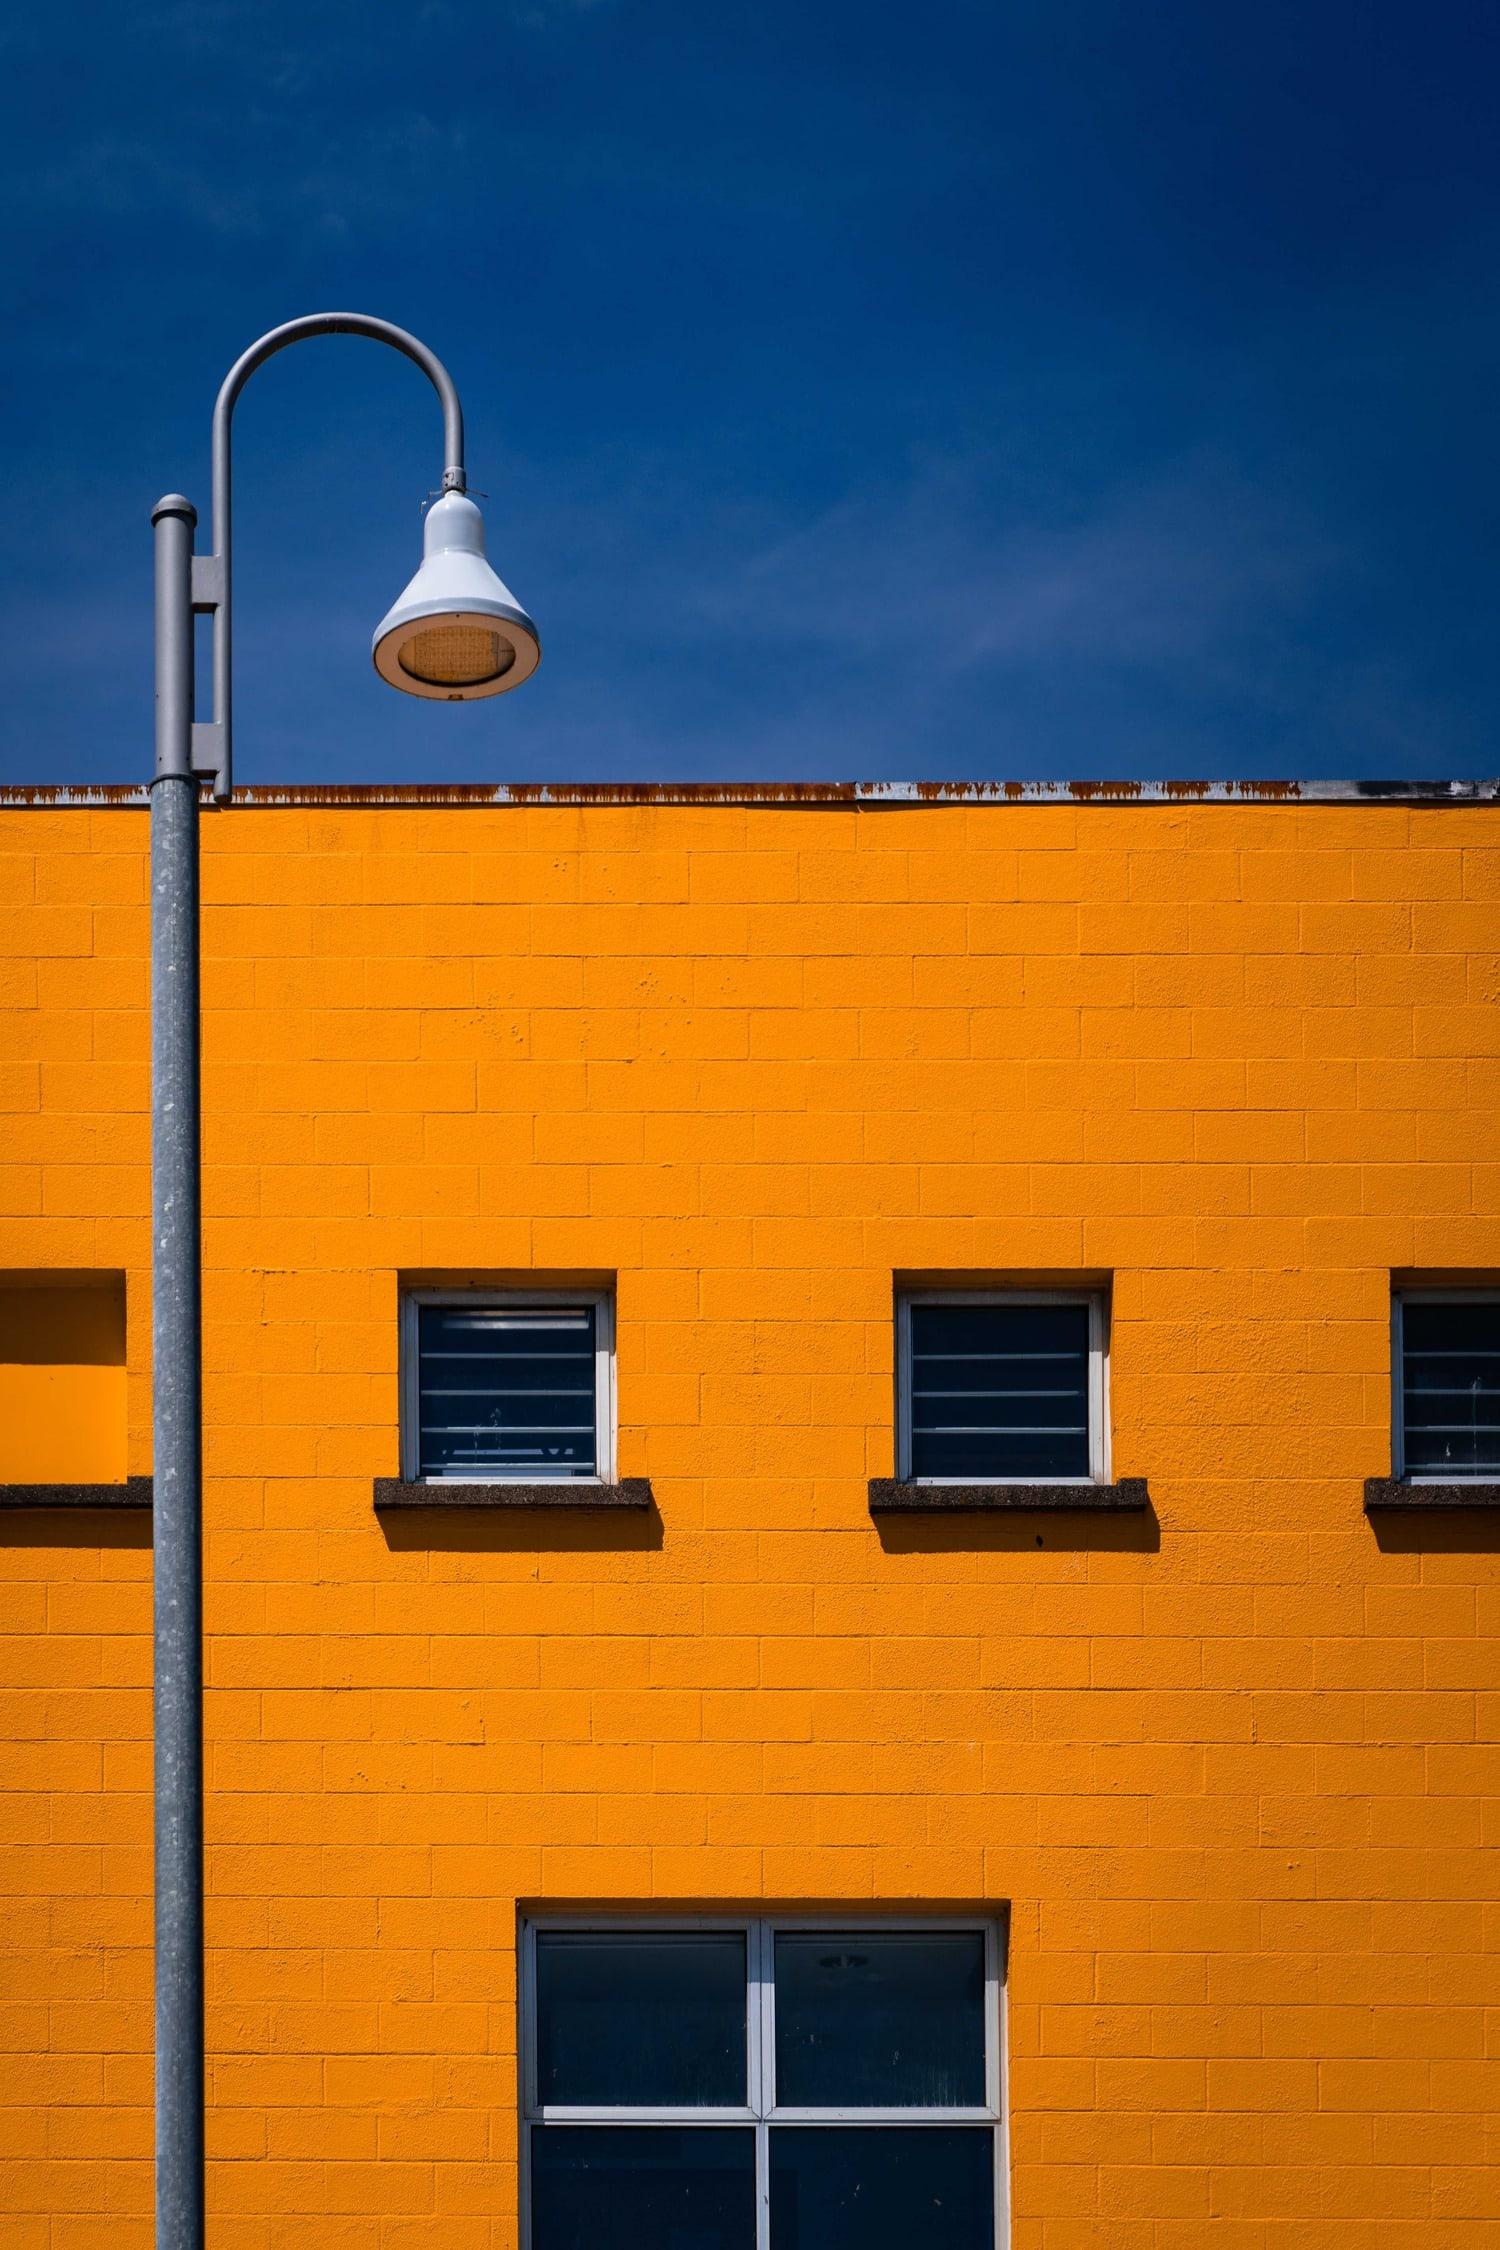 Fachada naranja con fondo azul, ejercicio de color para entrenar el ojo fotográfico